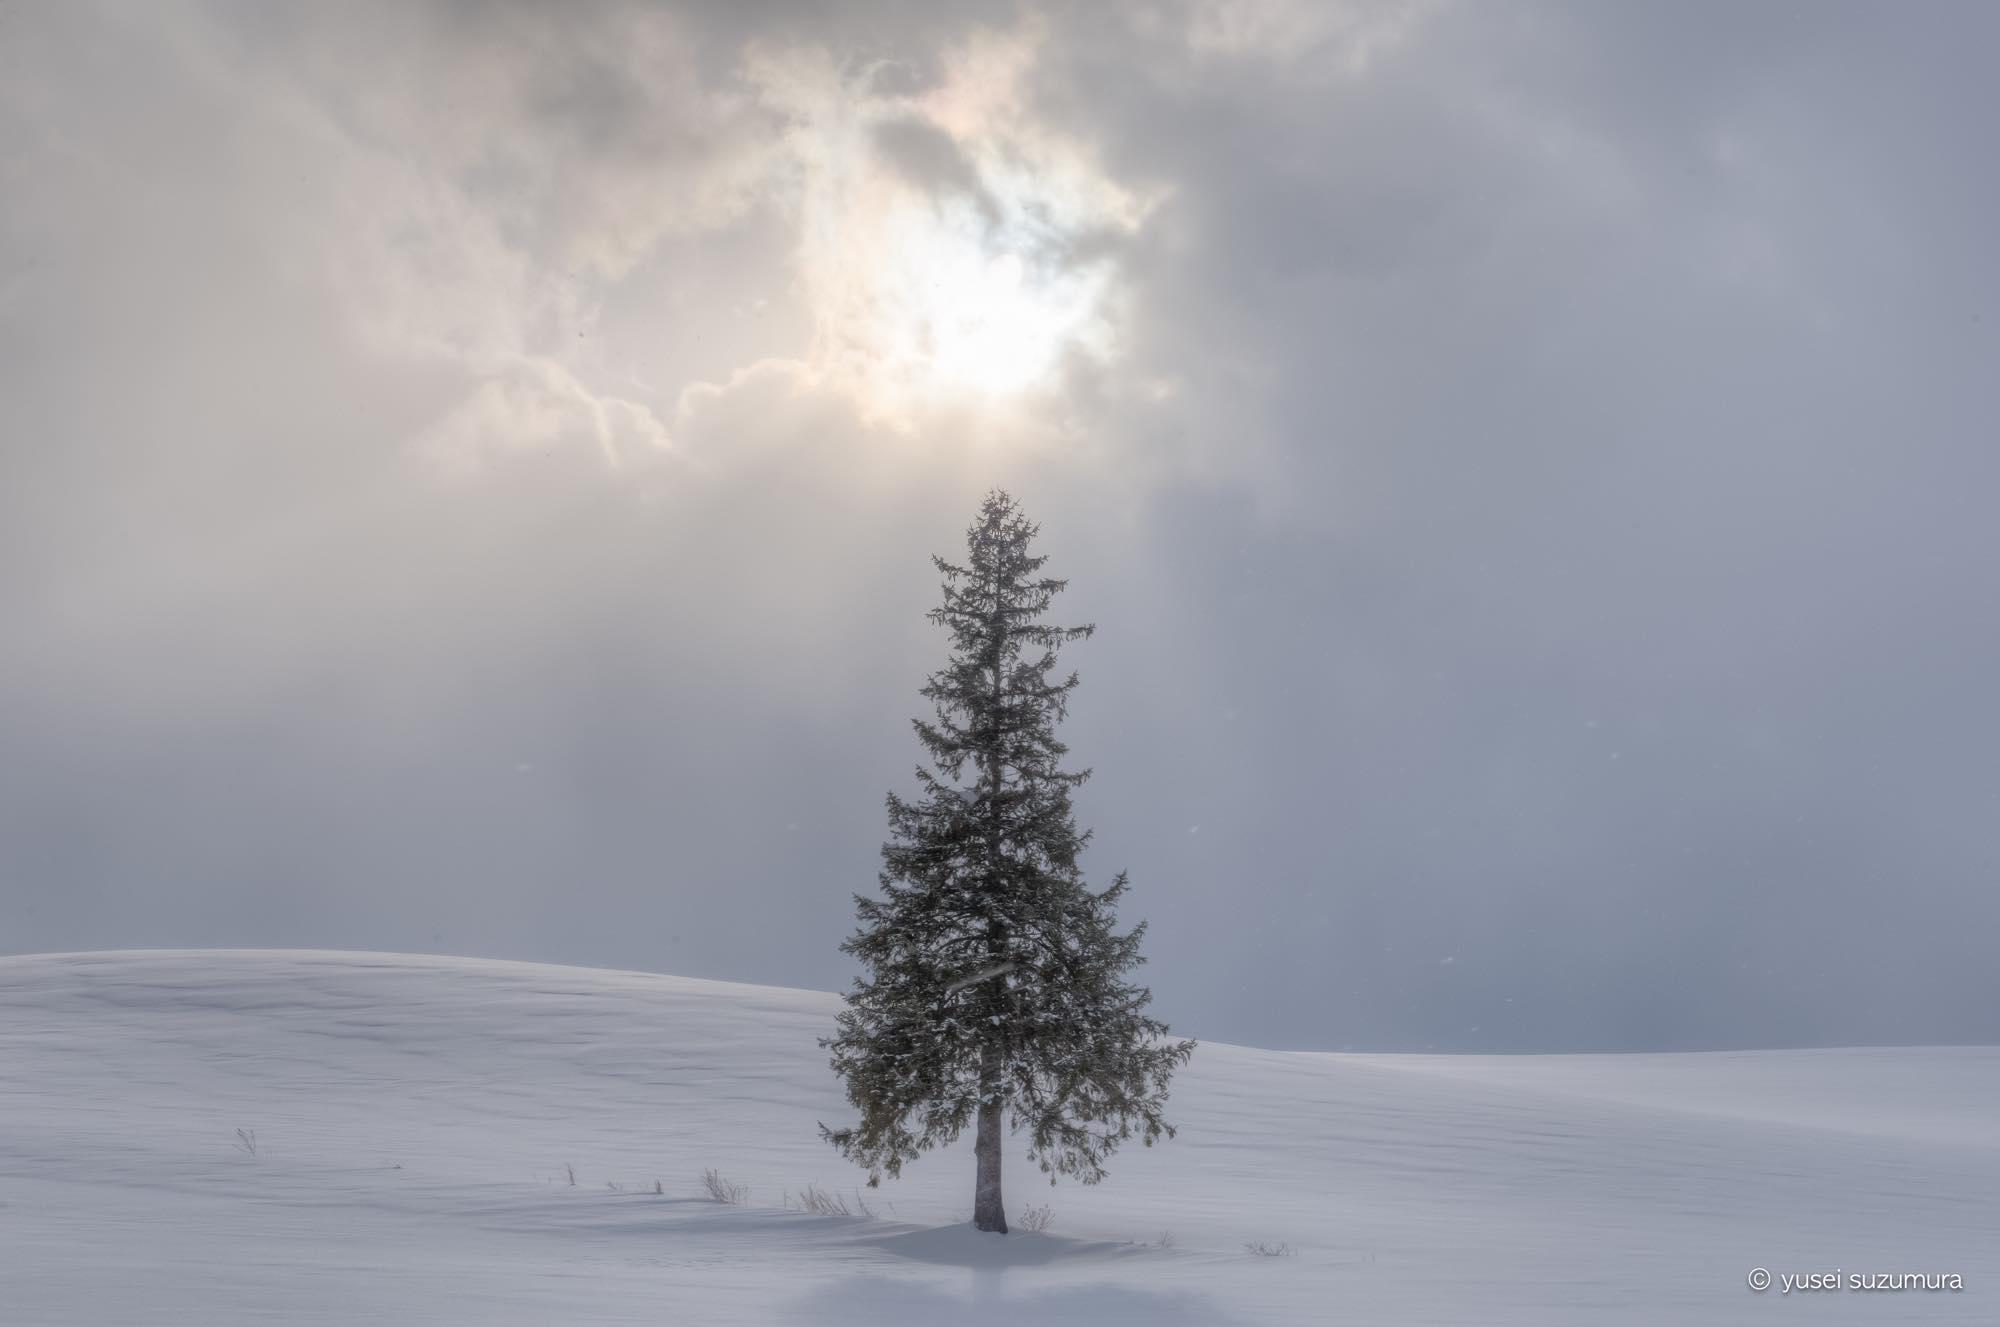 美しすぎる冬の美瑛。降りしきる雪の中撮影してきた。